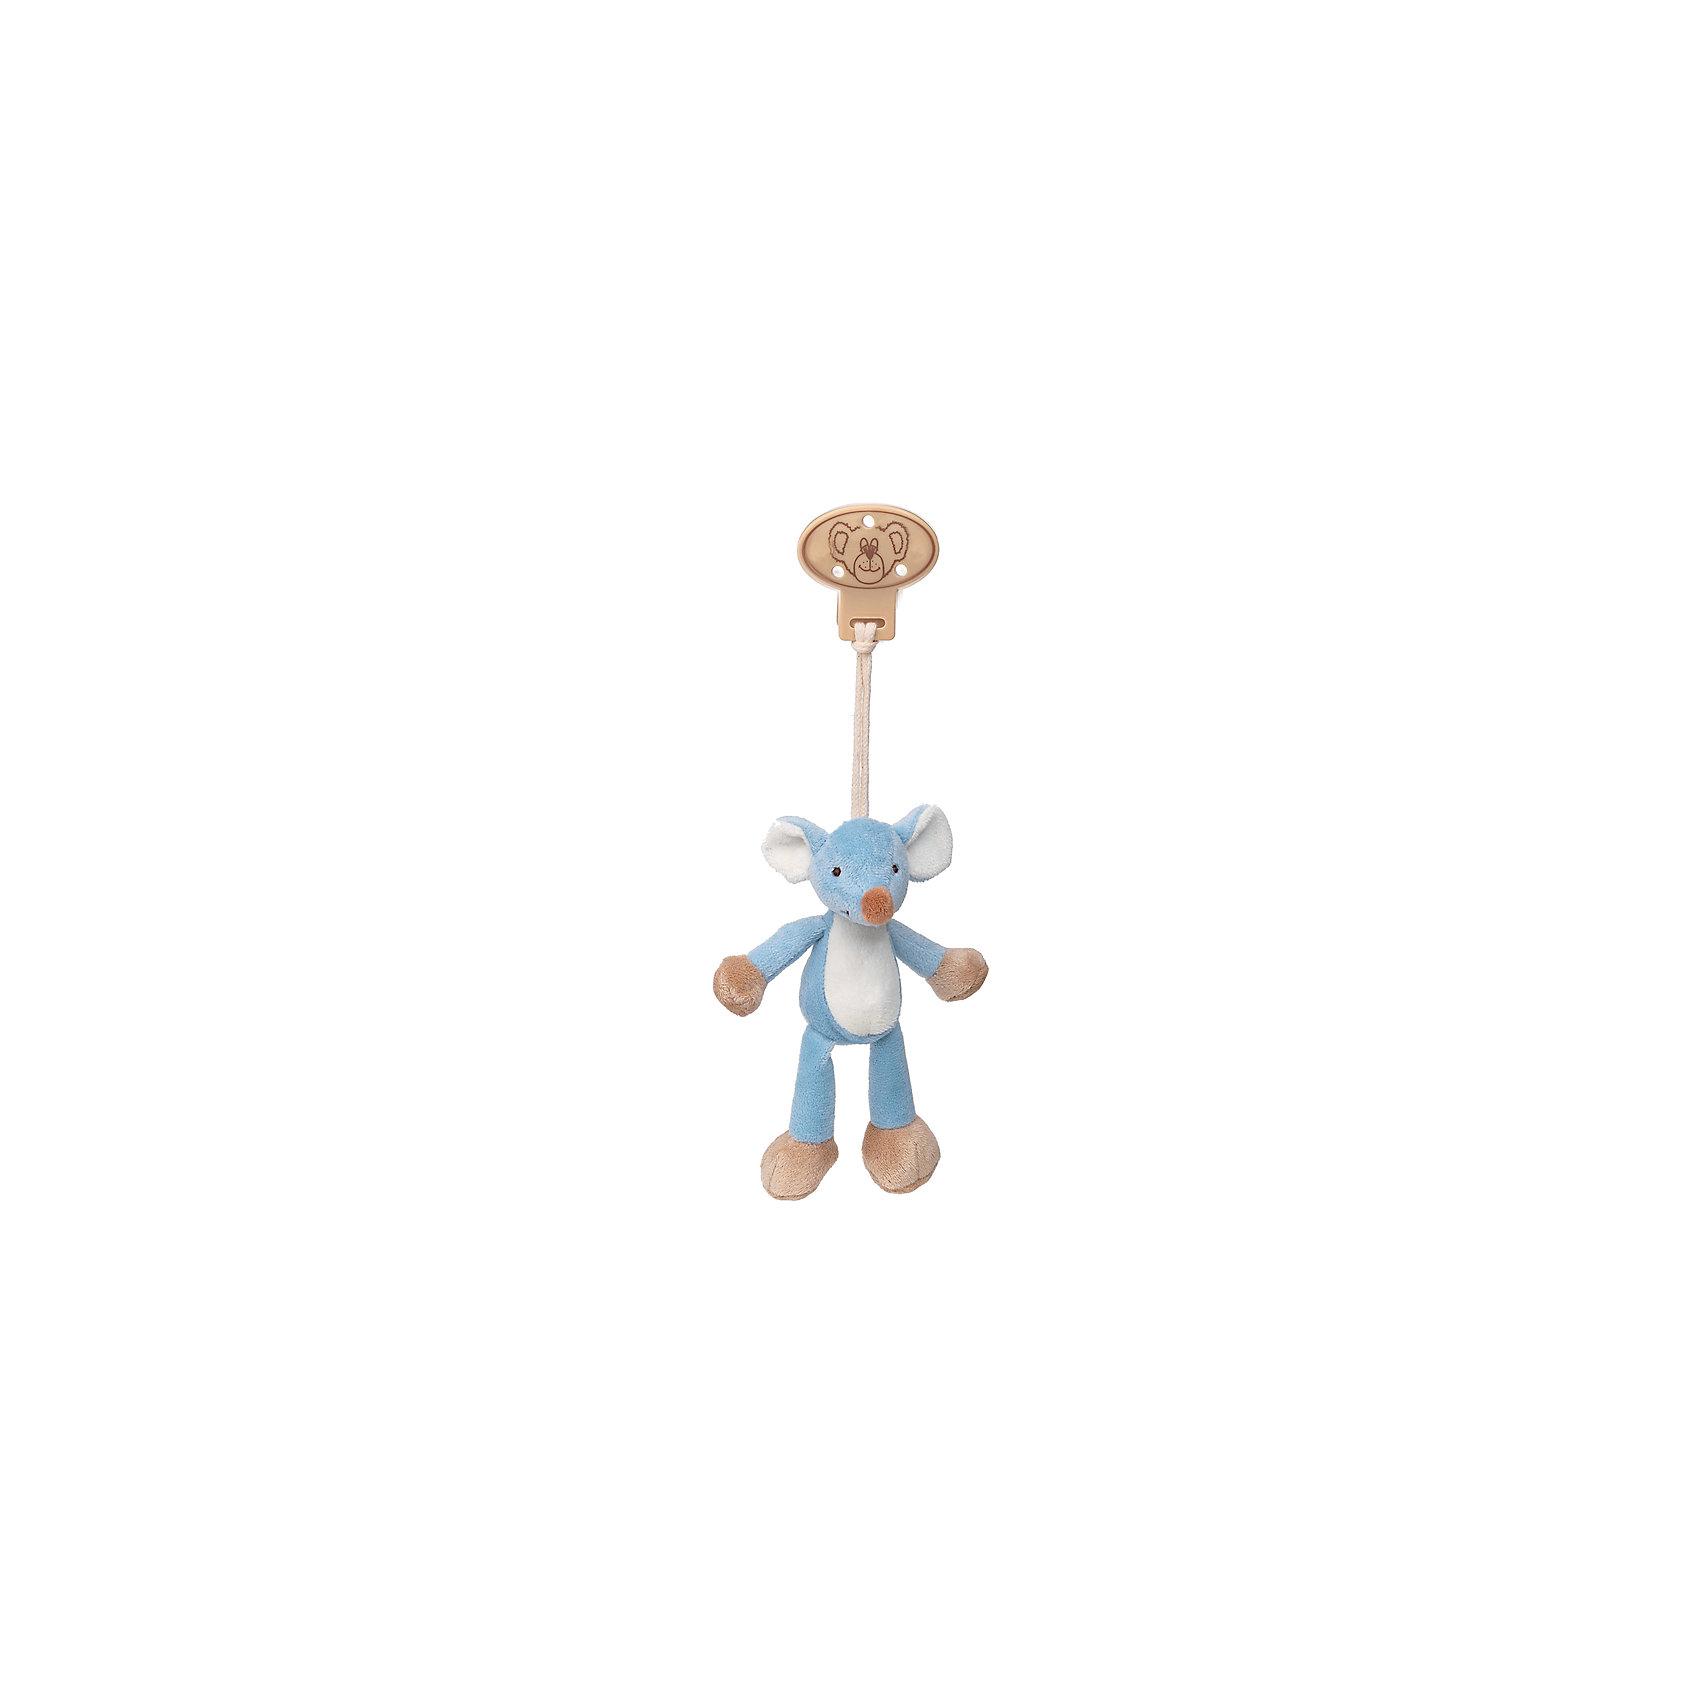 Клипса с игрушкой Мышь, Динглисар, TeddykompanietПустышки и аксессуары<br>Клипса с игрушкой Мышь, Динглисар, Teddykompaniet (Тэдди и компания) – дружелюбный мышонок развеселит малыша и не позволит ему скучать.<br>Клипса с мягкой игрушкой Мышь от шведской компании Teddykompaniet очаровательна и неповторима. Милый мышонок станет первым другом вашего малыша и всегда будет рядом. С помощью надежной безопасной пластиковой клипсы игрушку можно прикрепить к кроватке, коляске, автокреслу и одежде или постельному белью. Игрушка изготовлена из мягкого безворсового велюра, грязе- и пылеотталкивающего, соответствует европейским и российским стандартам качества, что позволяет играть с ней детям, склонным к аллергии.<br><br>Дополнительная информация:<br><br>- Размер: 16 см.<br>- Материал: нежный безворсовый велюр, пластик<br>- Уход: ручная стирка<br><br>Клипсу с игрушкой Мышь, Динглисар, Teddykompaniet (Тэдди и компания) можно купить в нашем интернет-магазине.<br><br>Ширина мм: 50<br>Глубина мм: 100<br>Высота мм: 100<br>Вес г: 180<br>Возраст от месяцев: 0<br>Возраст до месяцев: 12<br>Пол: Унисекс<br>Возраст: Детский<br>SKU: 4902219